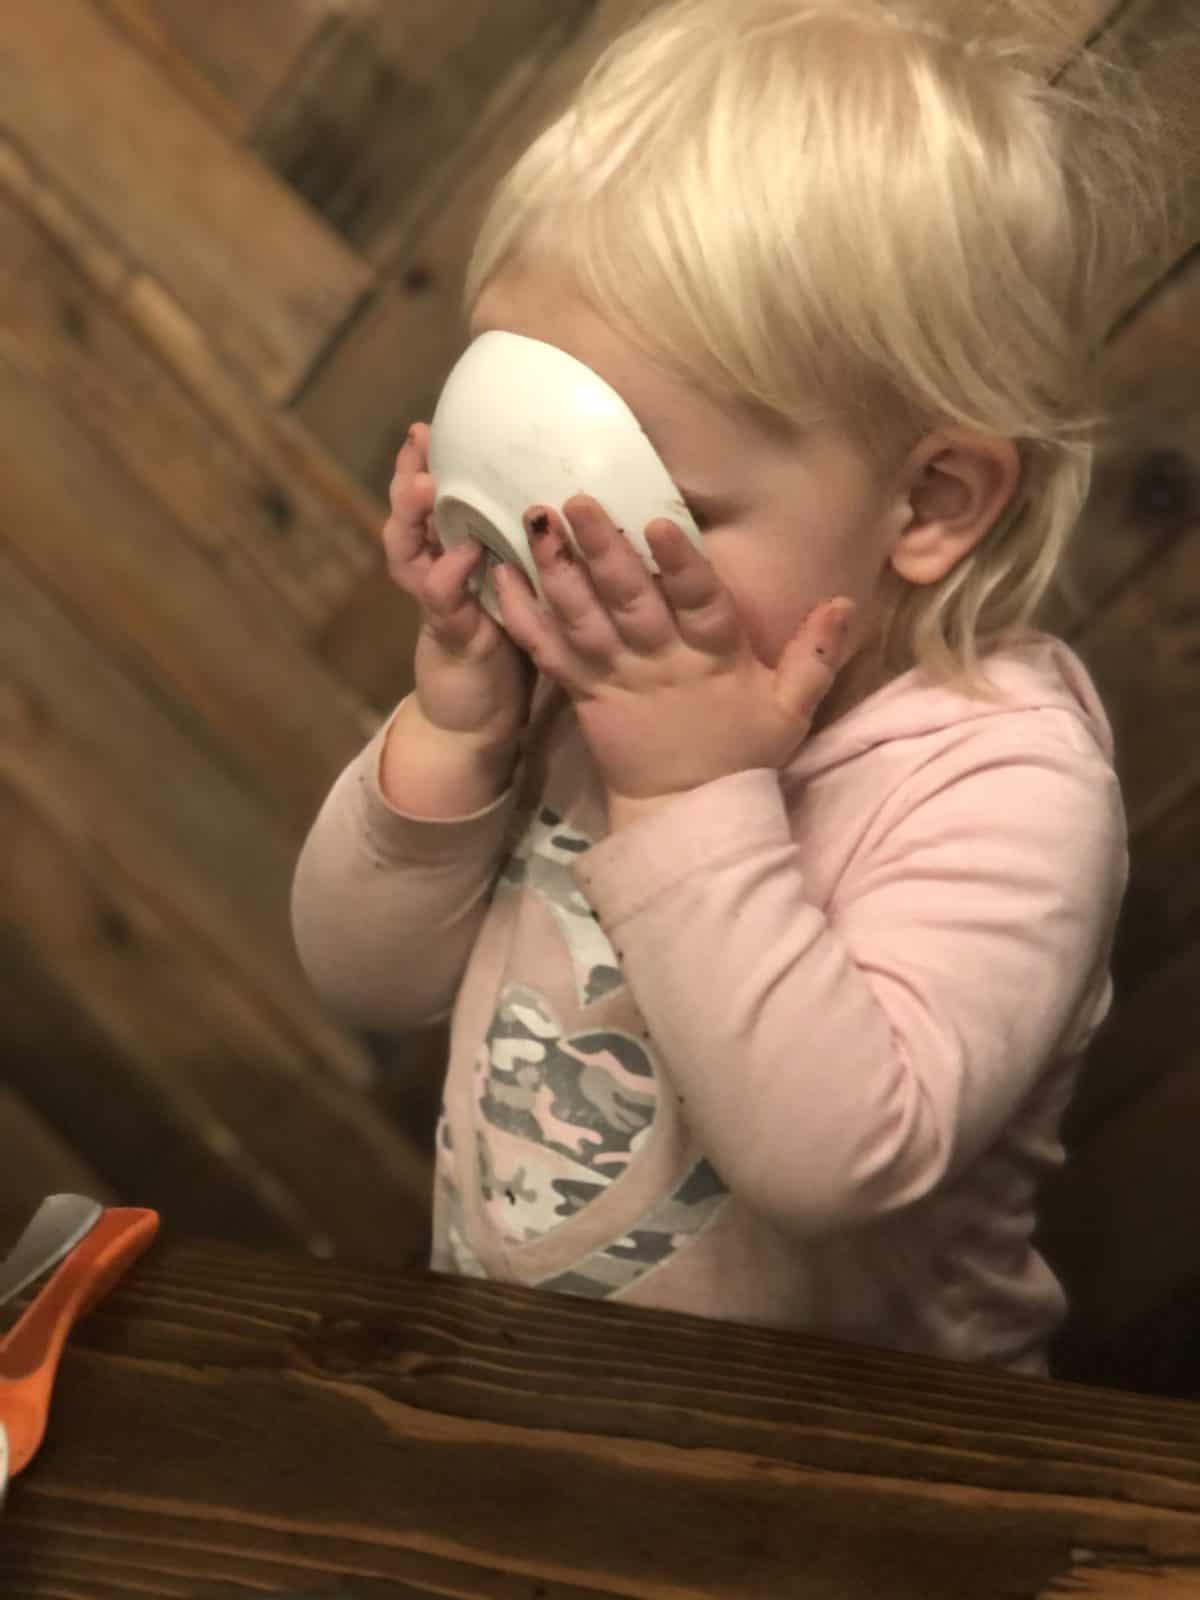 A little girl enjoying her food.